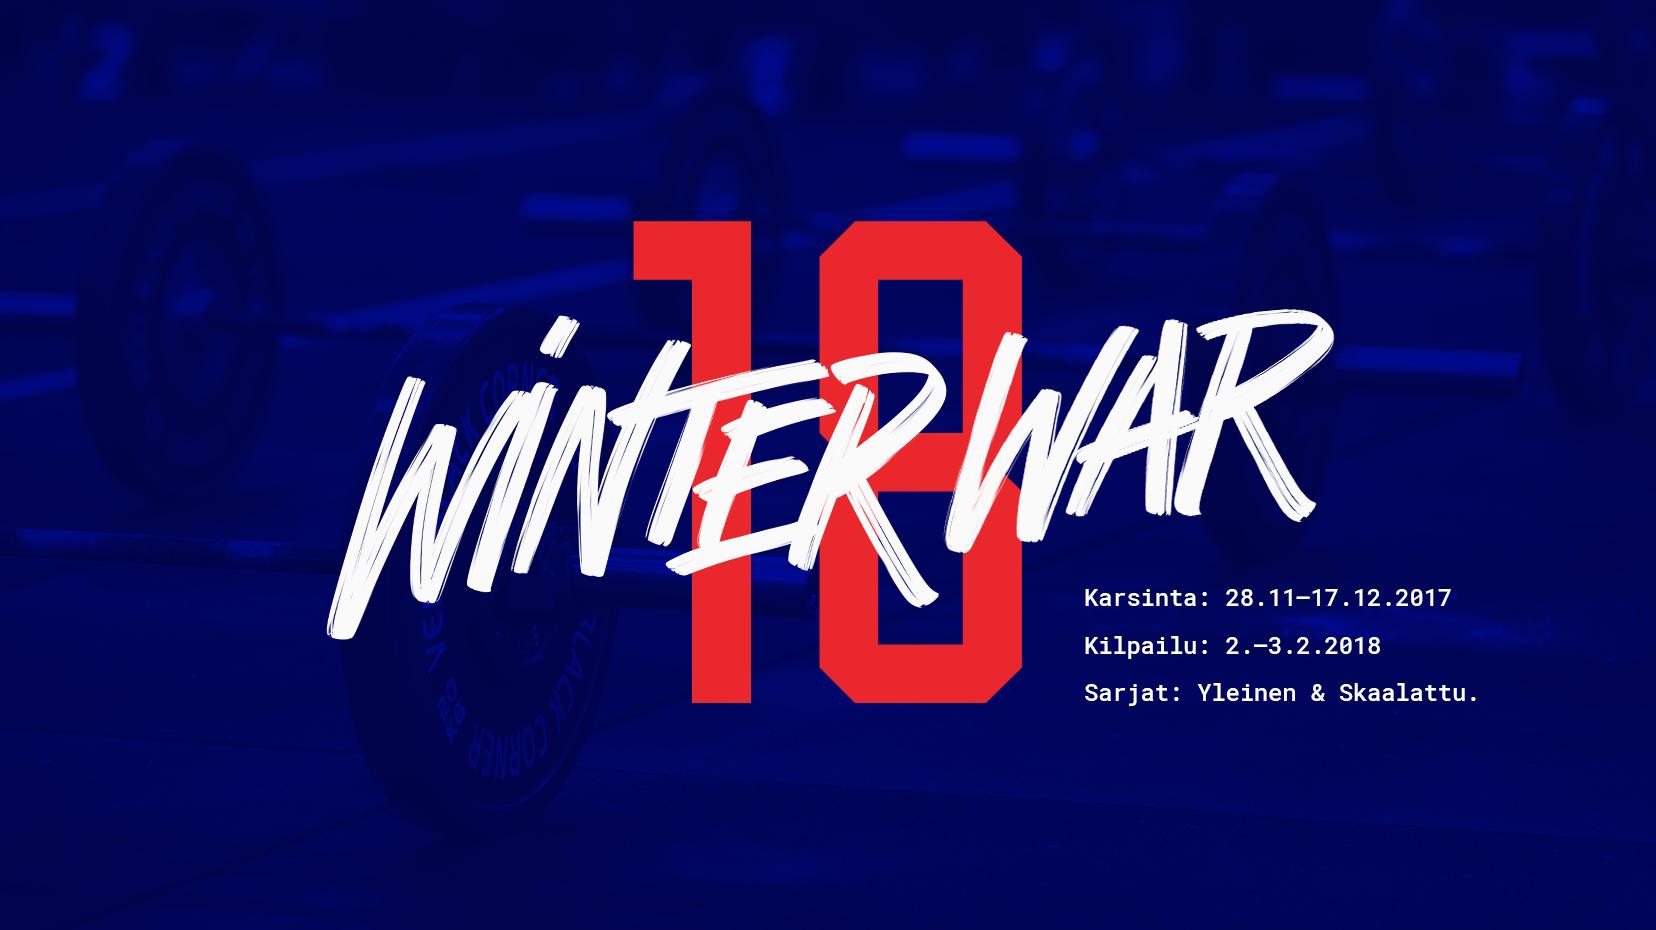 CrossFit Winter War 2018